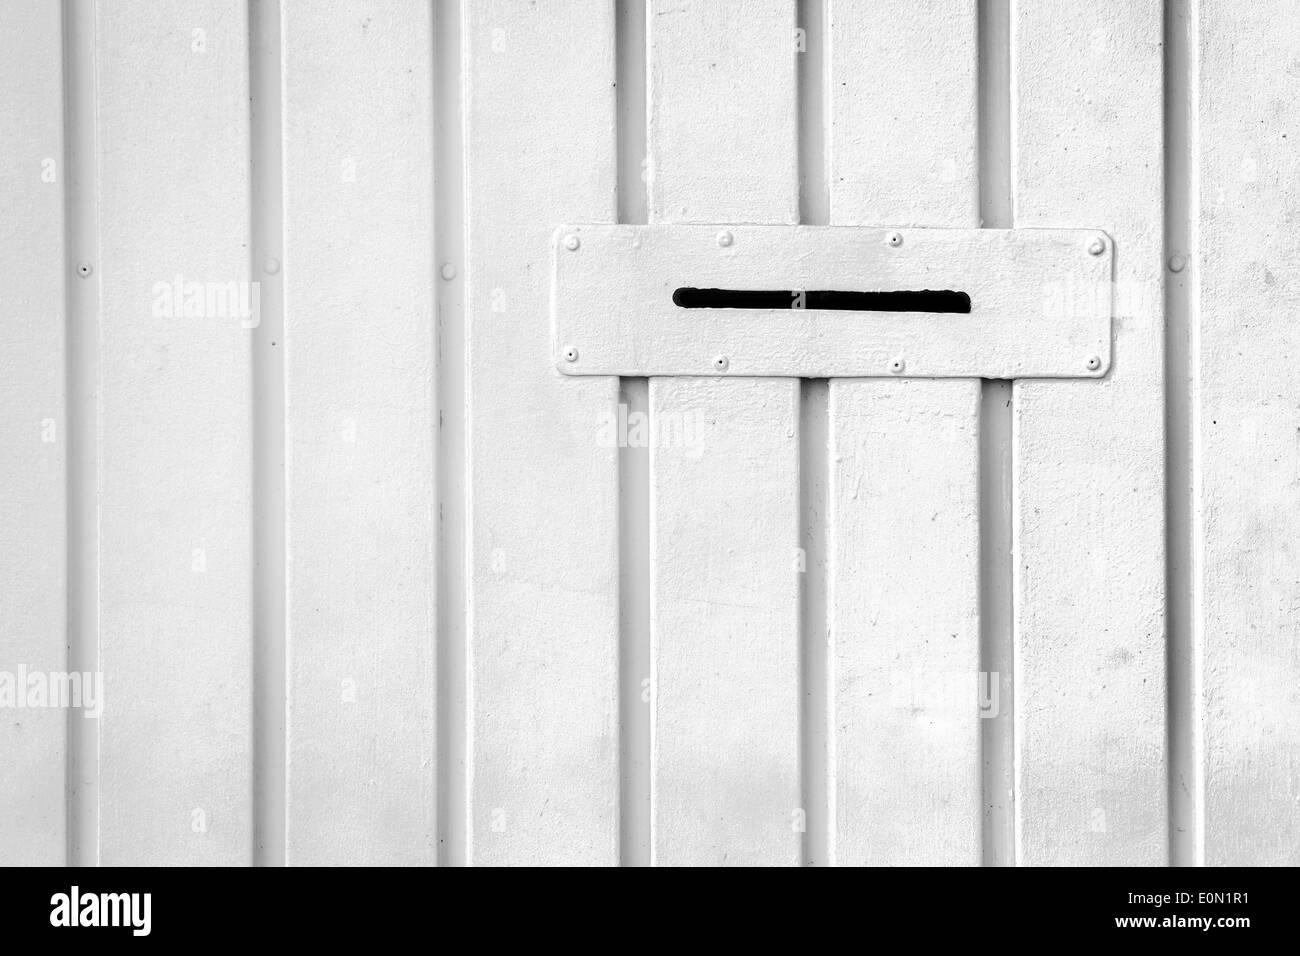 Postfach Loch für Briefe an weißer Wand Stockbild